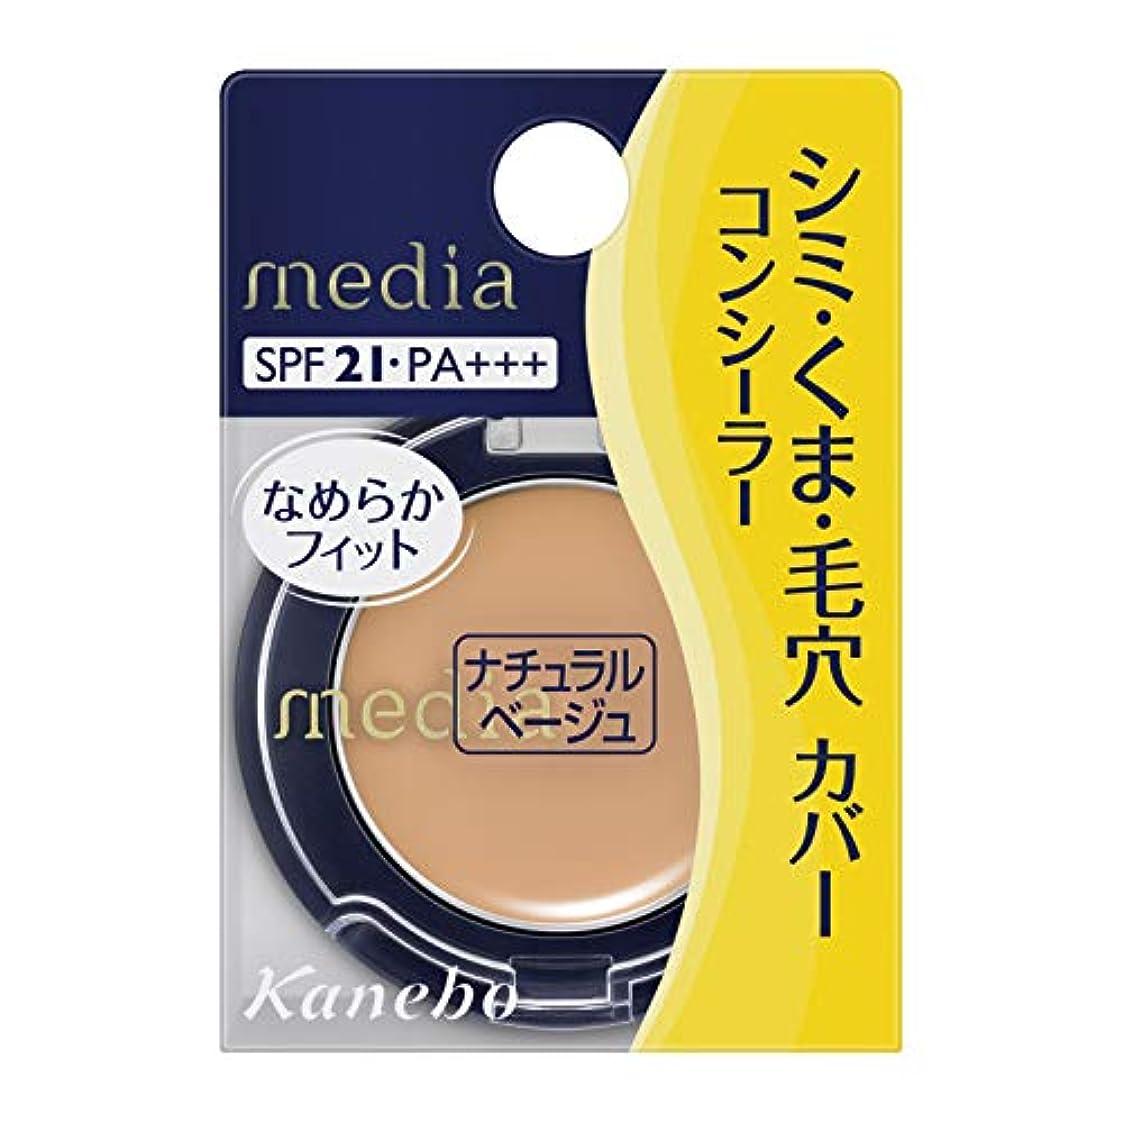 後ろ、背後、背面(部変化する一時的カネボウ化粧品 メディア コンシーラー S ナチュラルベージュ 1.7g